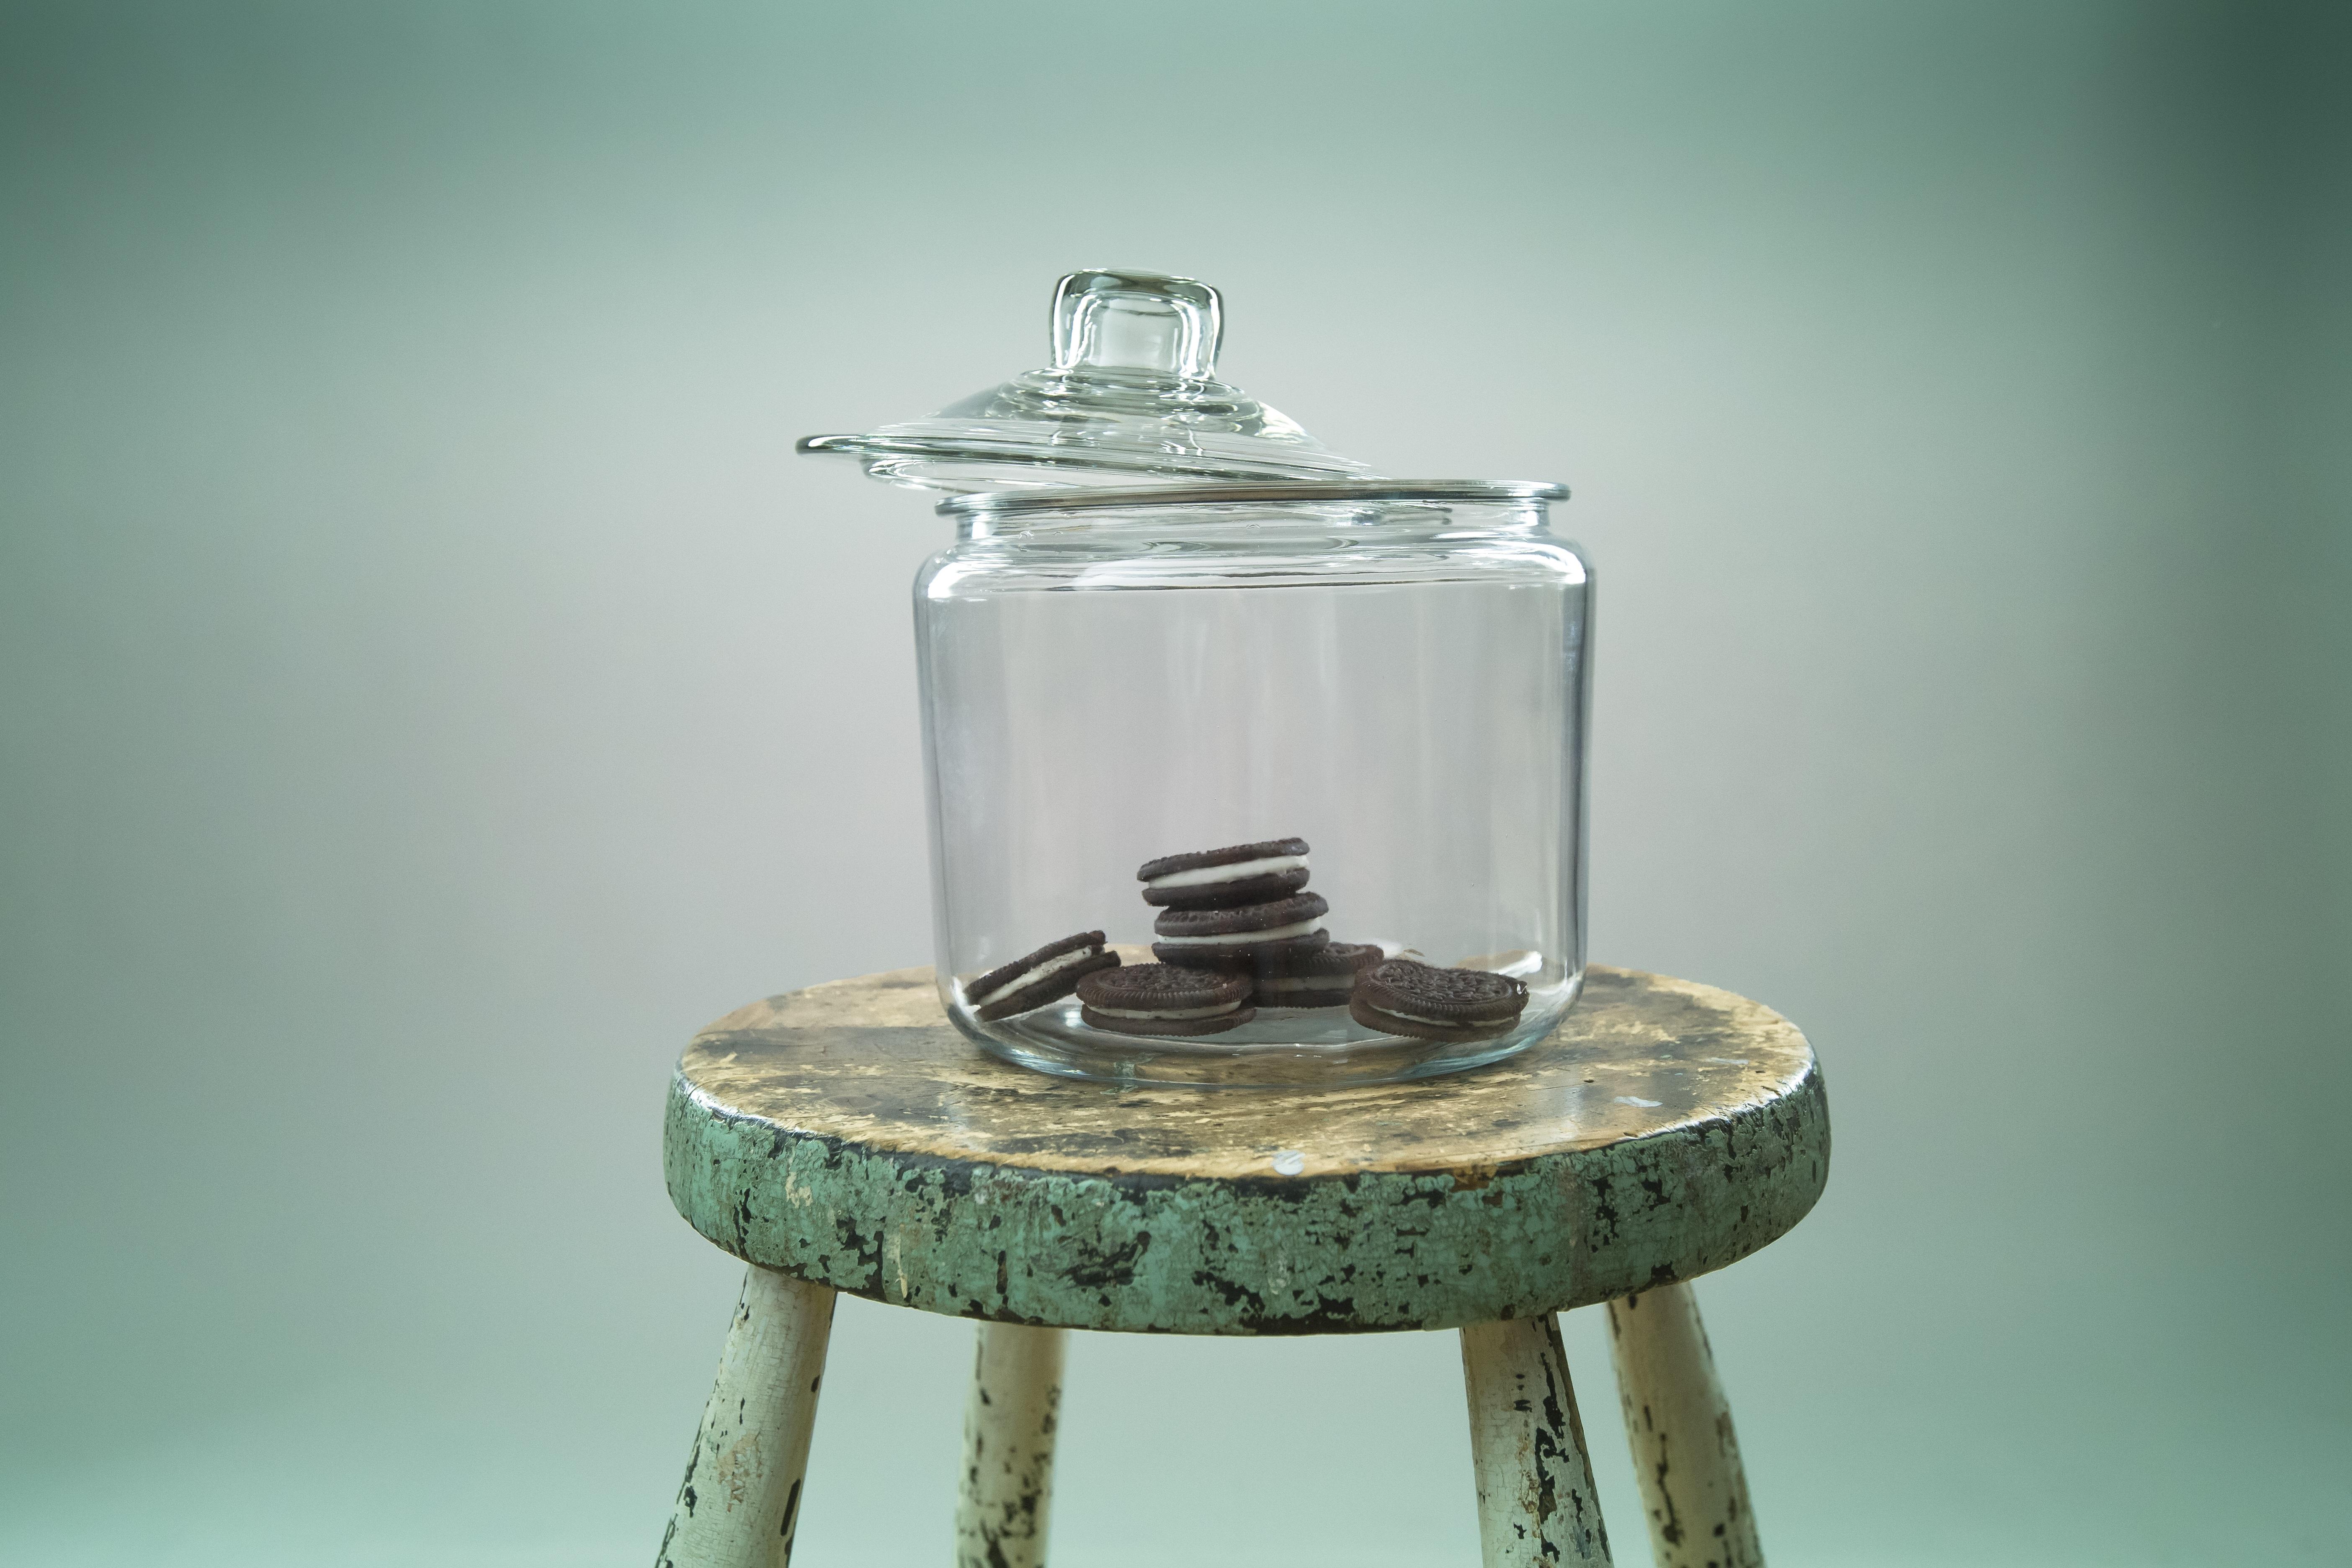 Gratis Afbeeldingen : tafel, glas, pot, rustiek, fles, lamp ...